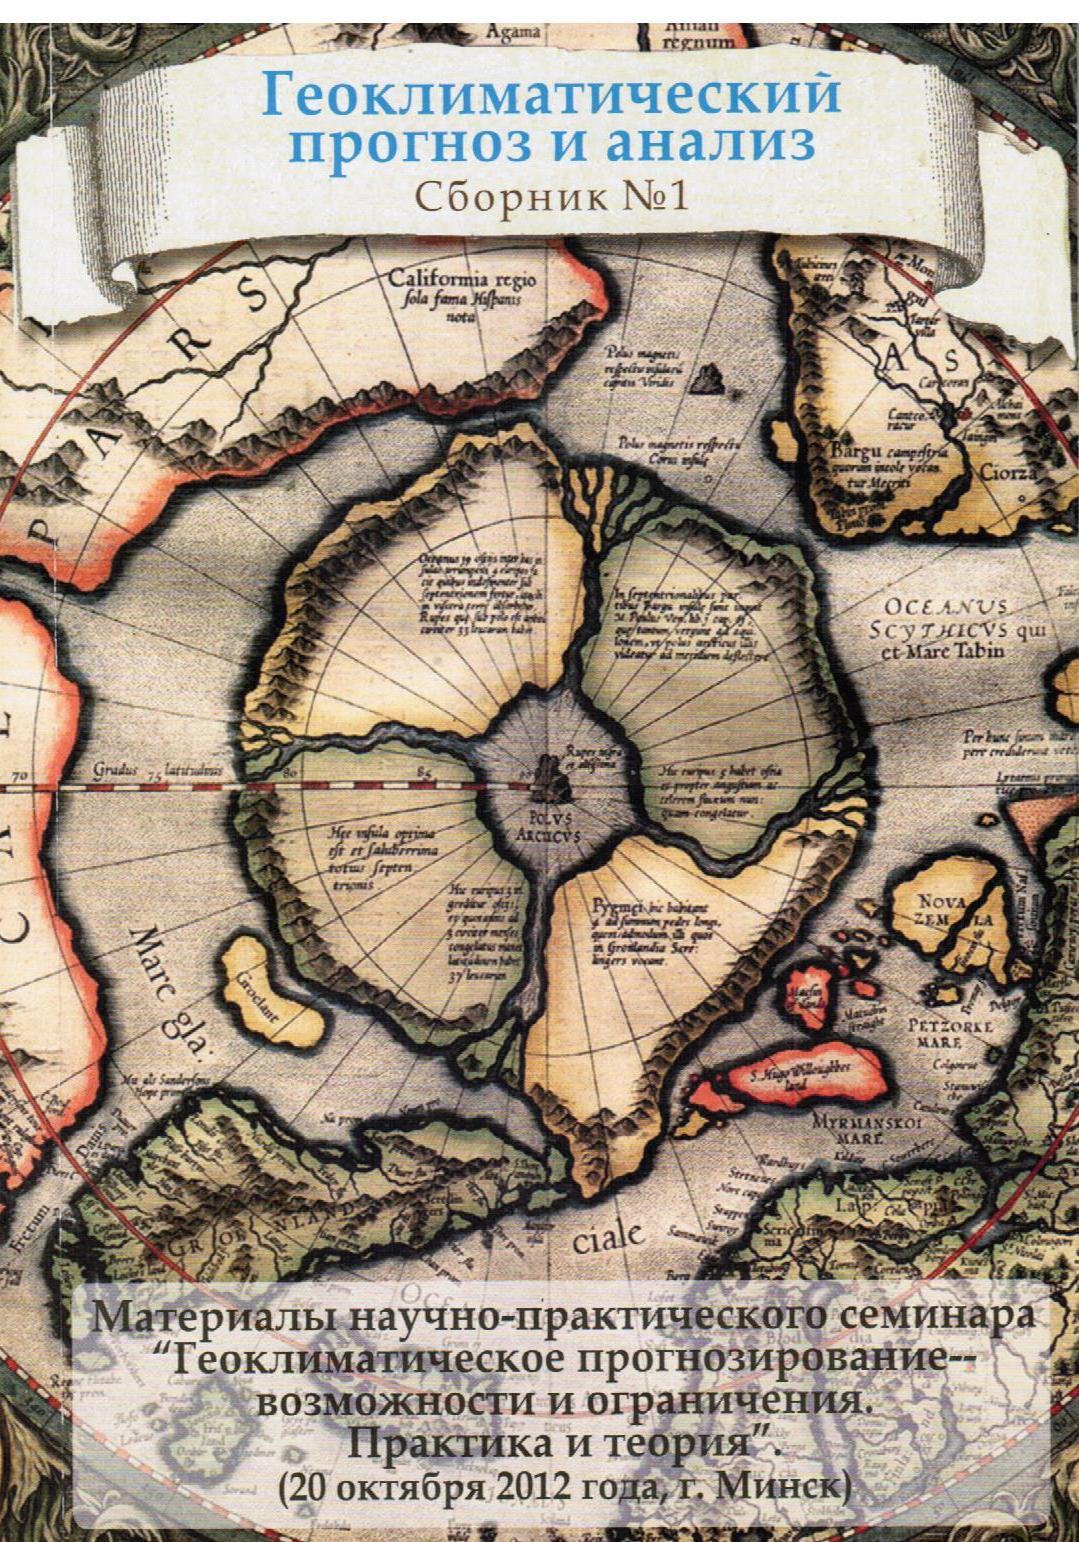 Геоклиматический прогноз и анализ №1